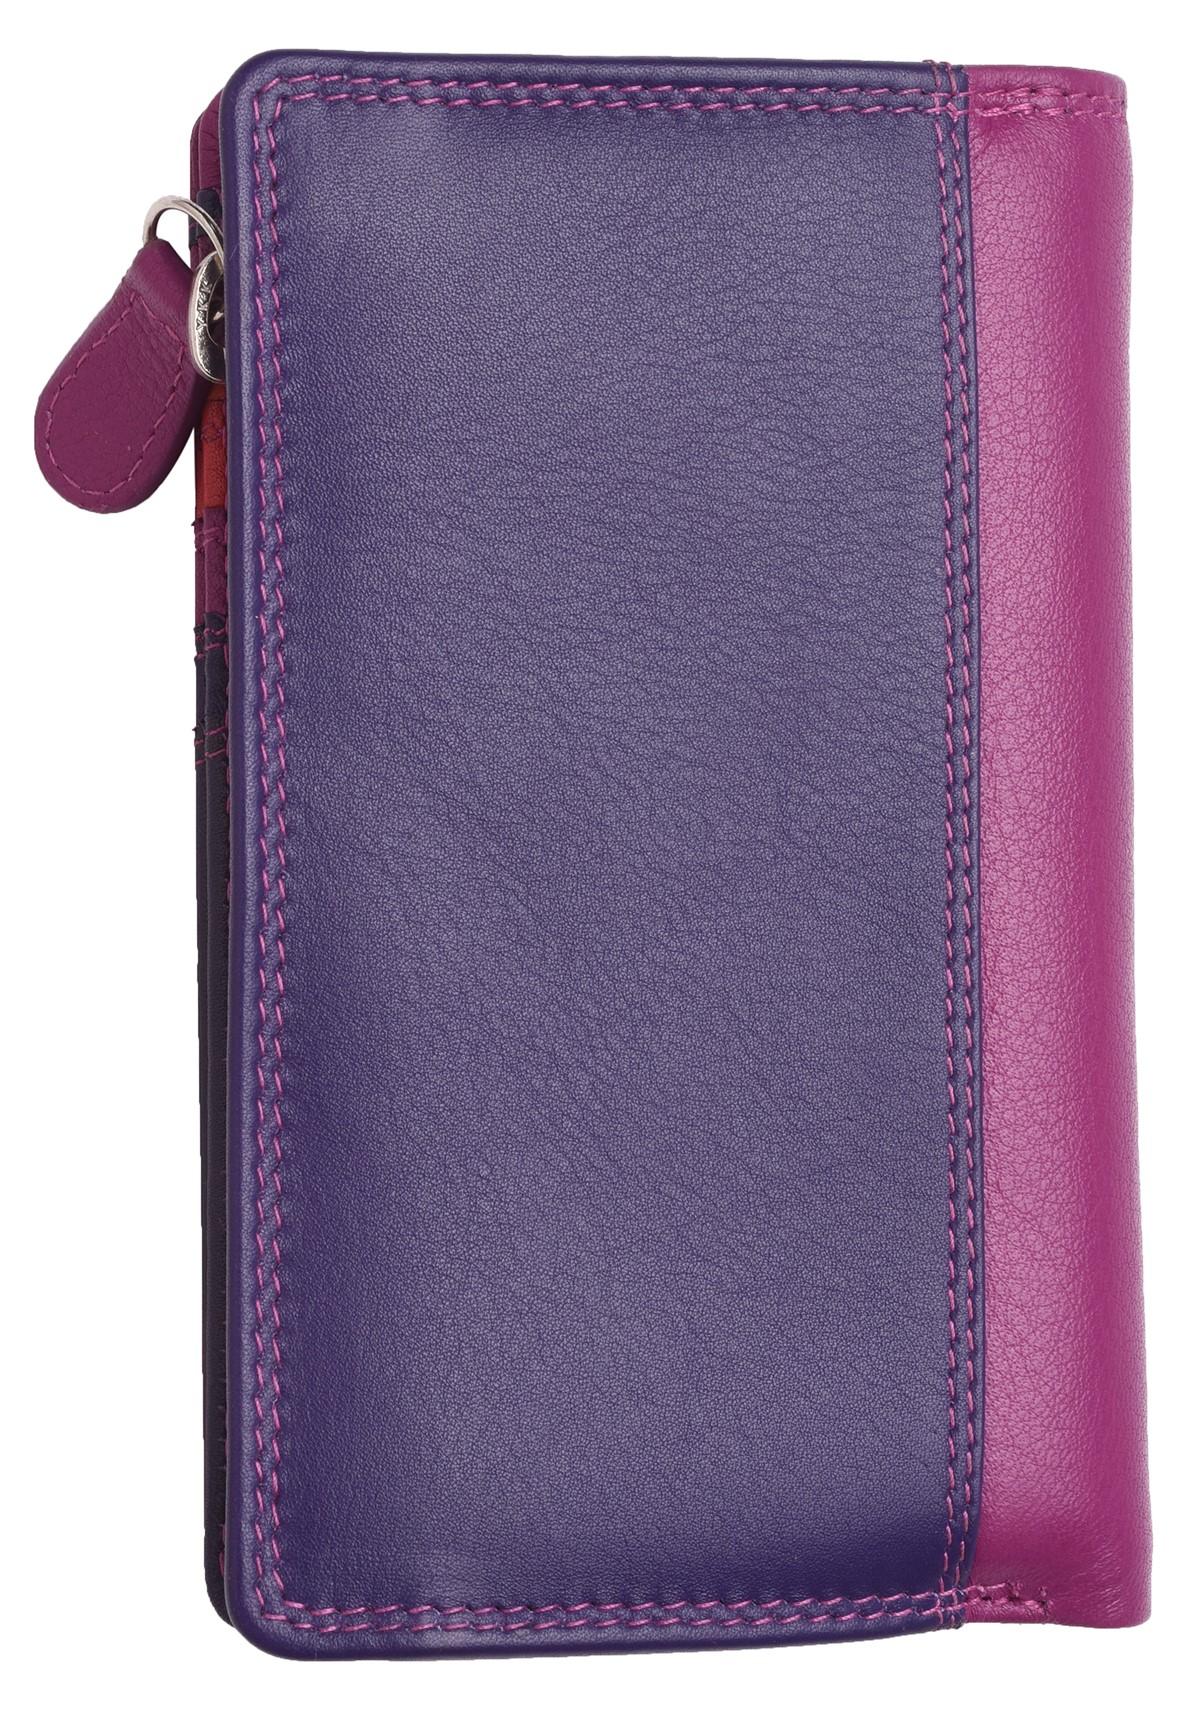 Femme-Veritable-Multi-Couleur-RFID-Blocage-De-Haute-Qualite-Sac-a-Main-Portefeuille miniature 13